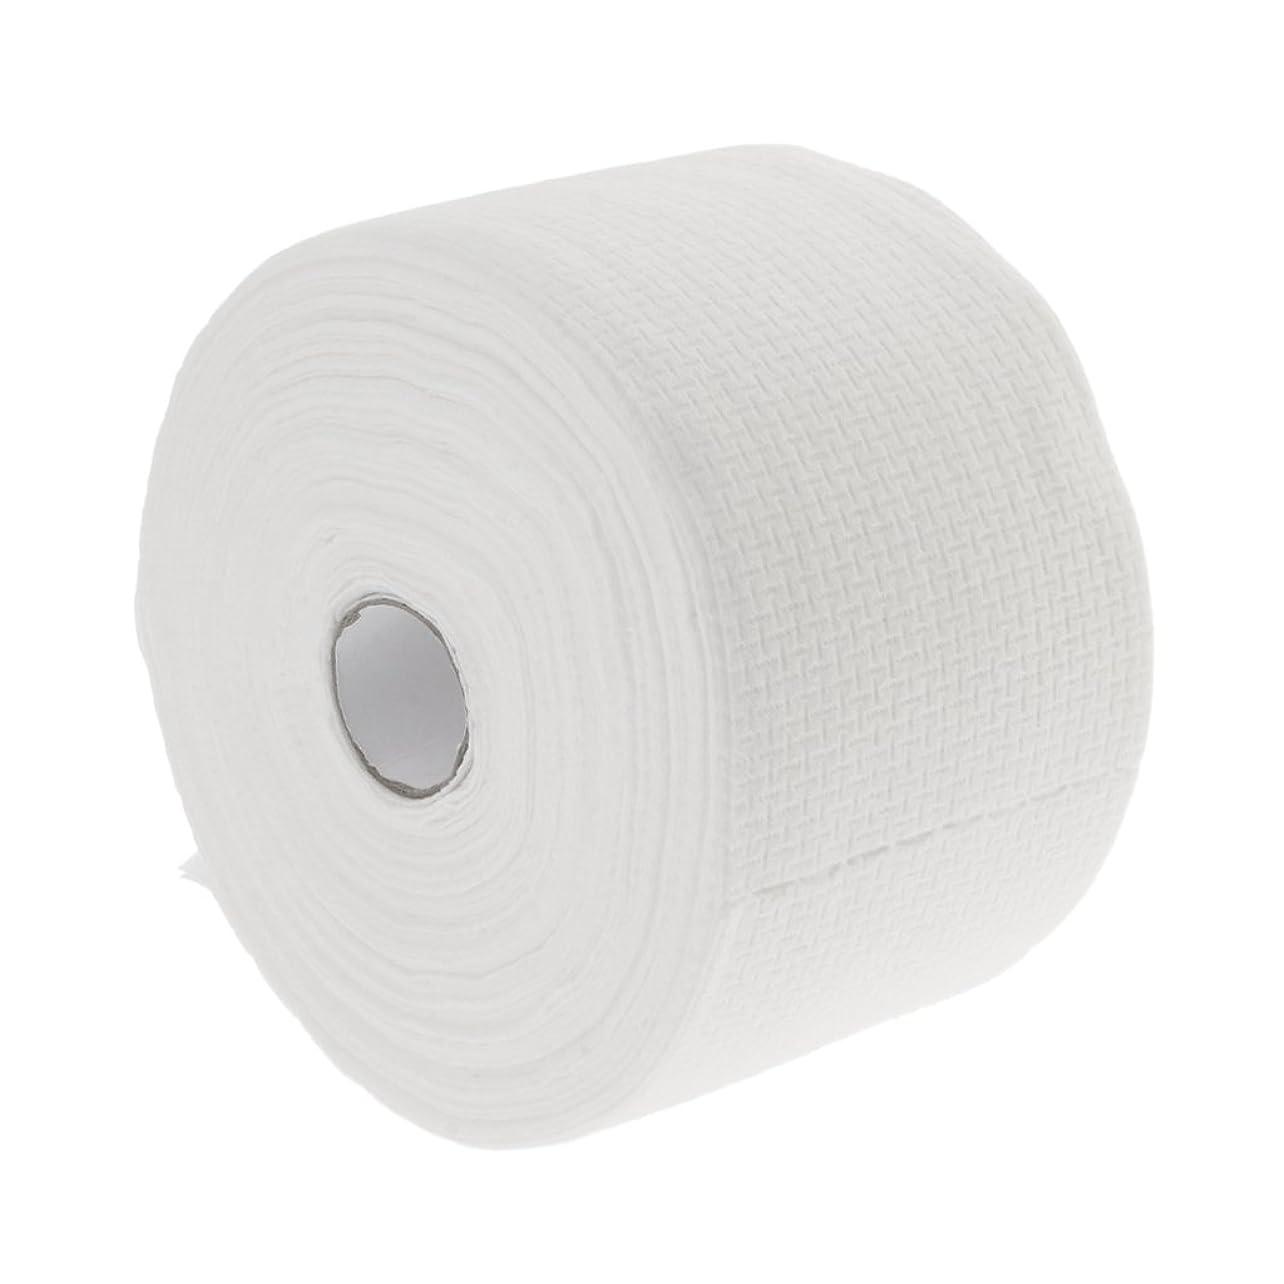 ストレッチセラフセメントPerfeclan ロール式 使い捨て フェイシャルタオル 30M 使い捨てタオル 繊維 クレンジング フェイシャル メイクリムーバー 2タイプ選べる - #1